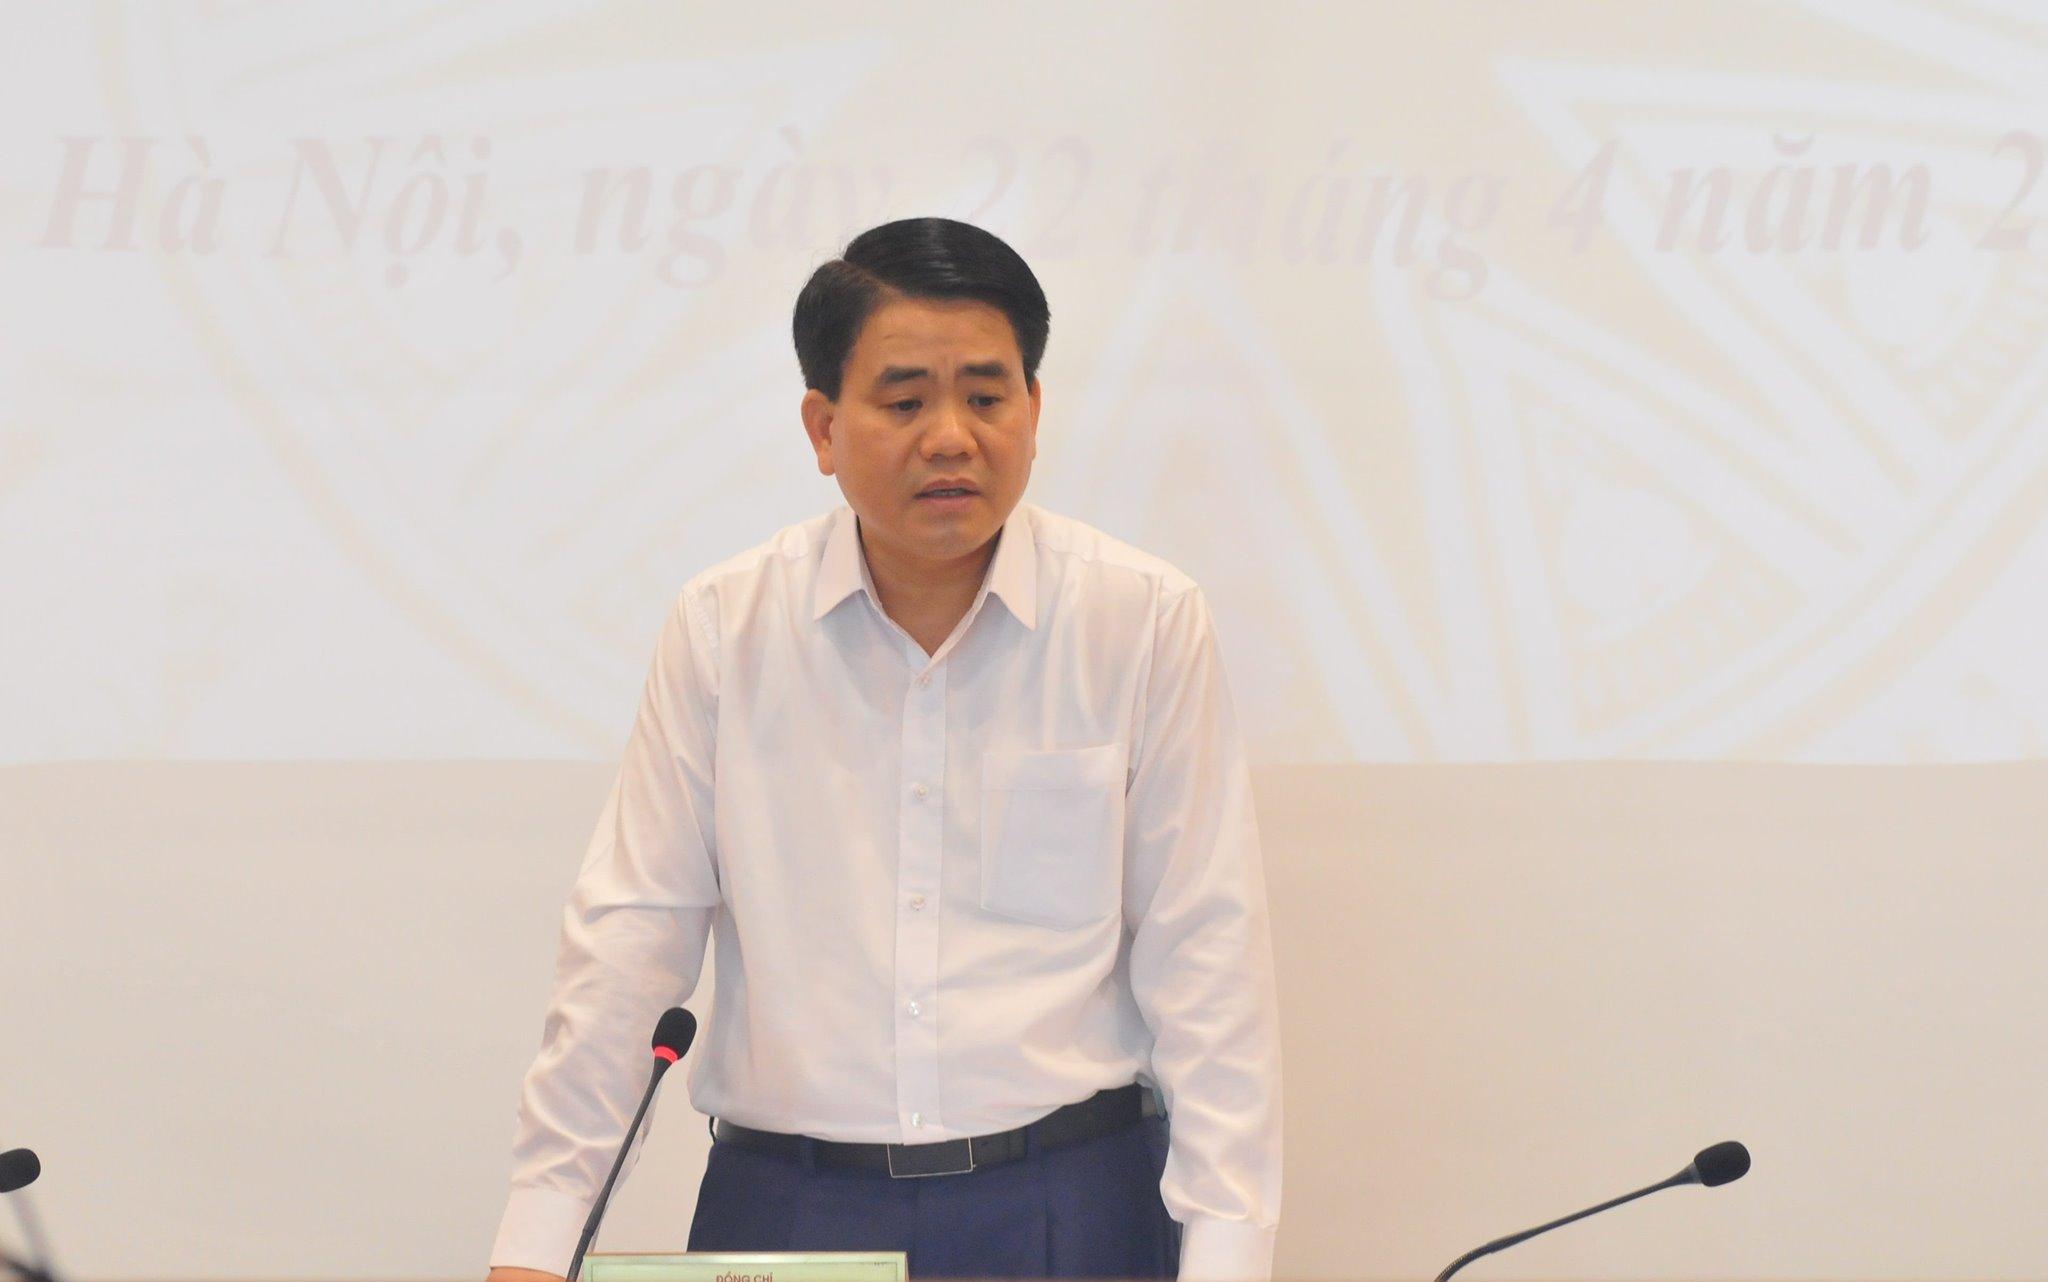 Hết cách ly xã hội, những dịch vụ nào ở Hà Nội được hoạt động trở lại?